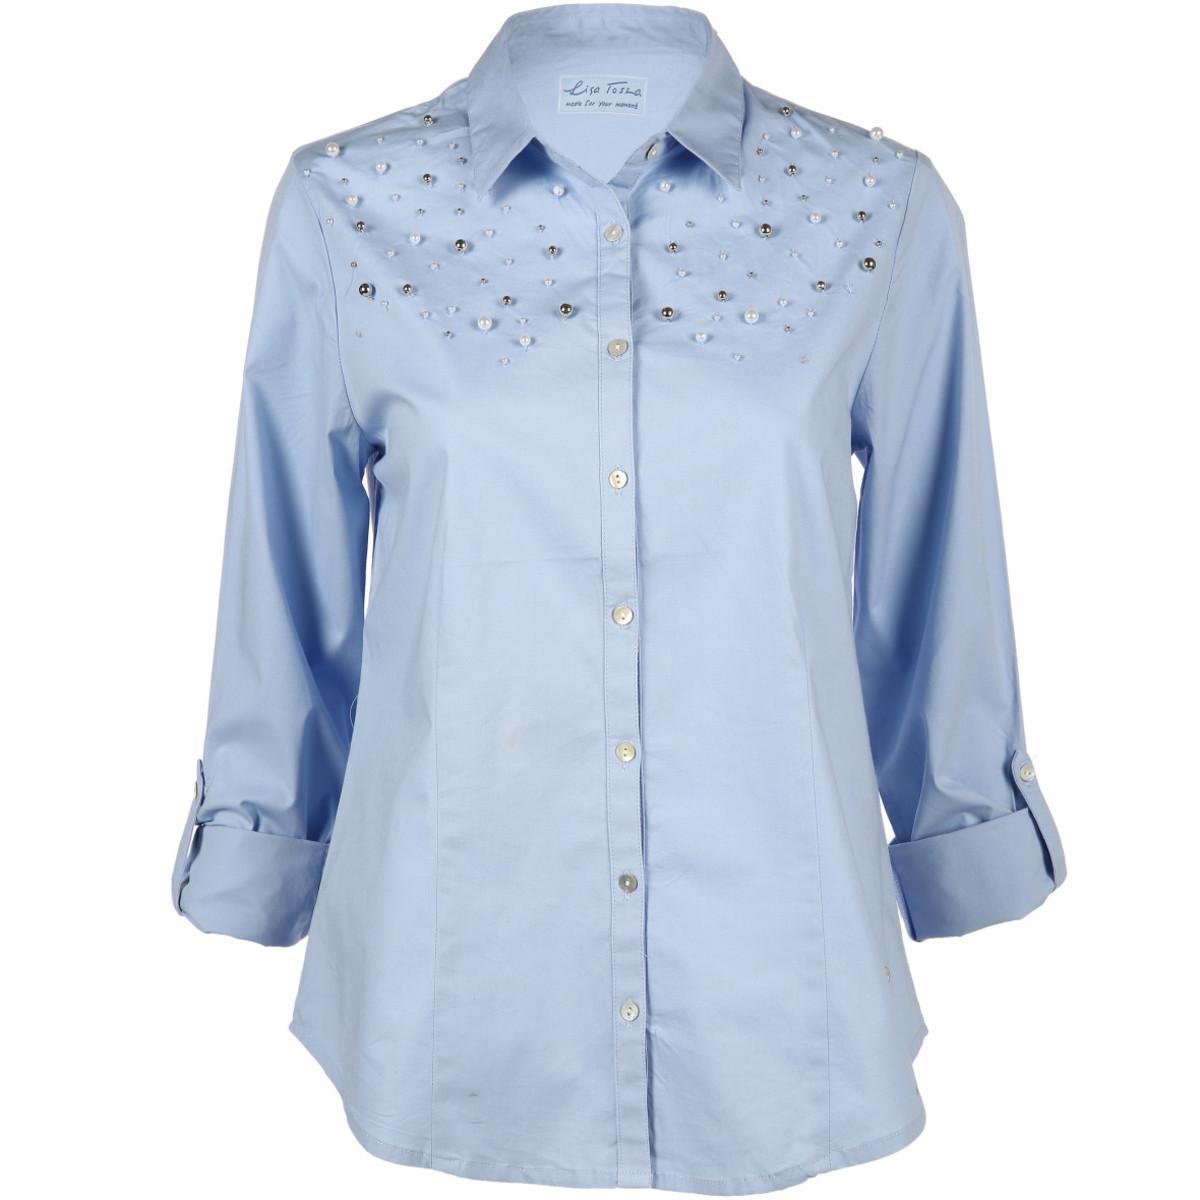 Bild 1 von Damen Chambrey Bluse mit Zierperlen